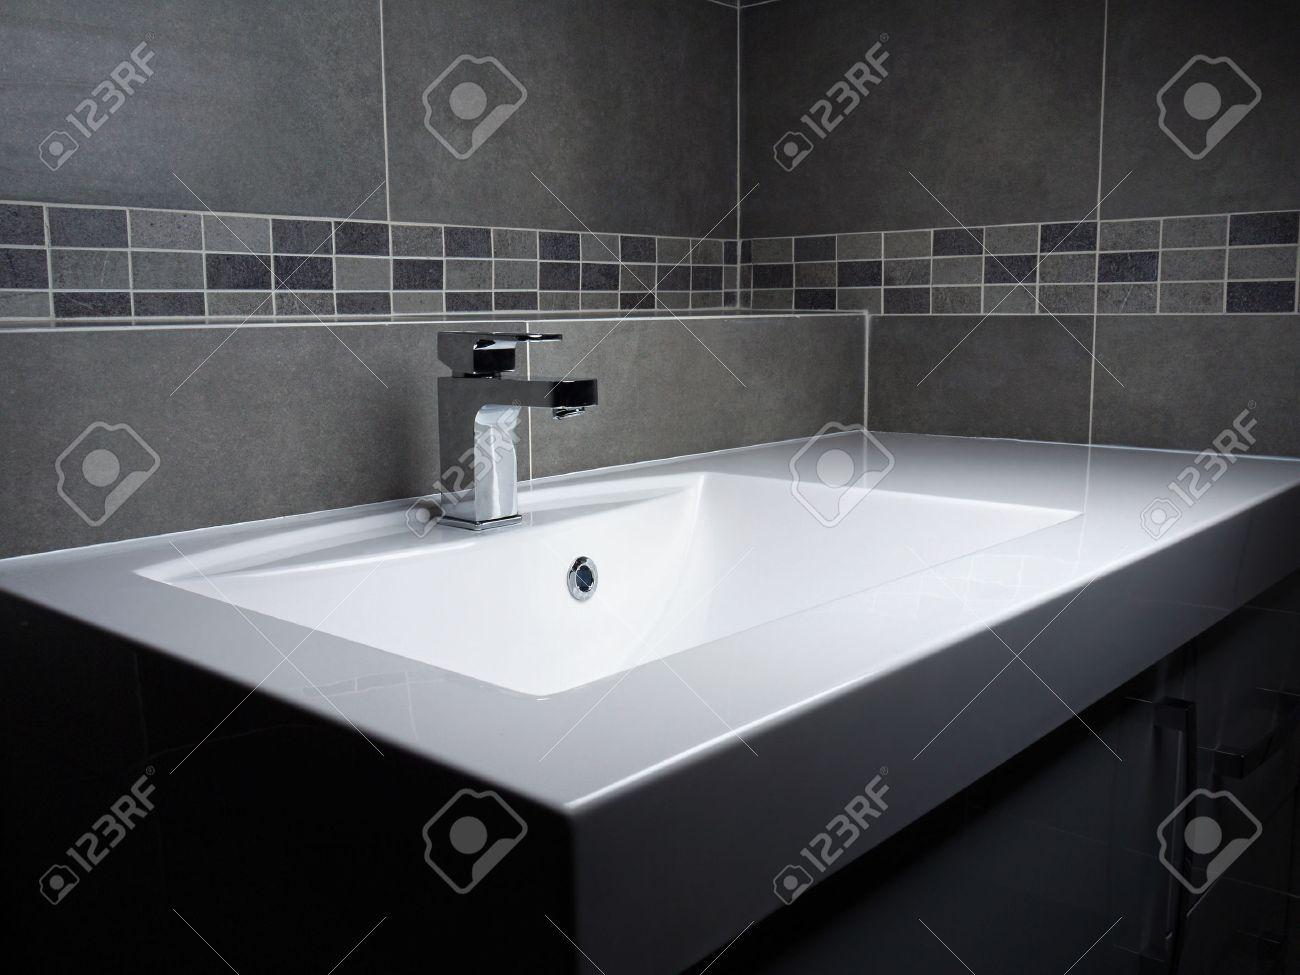 moderne badezimmer waschbecken mit verchromten wasserhahn und grau